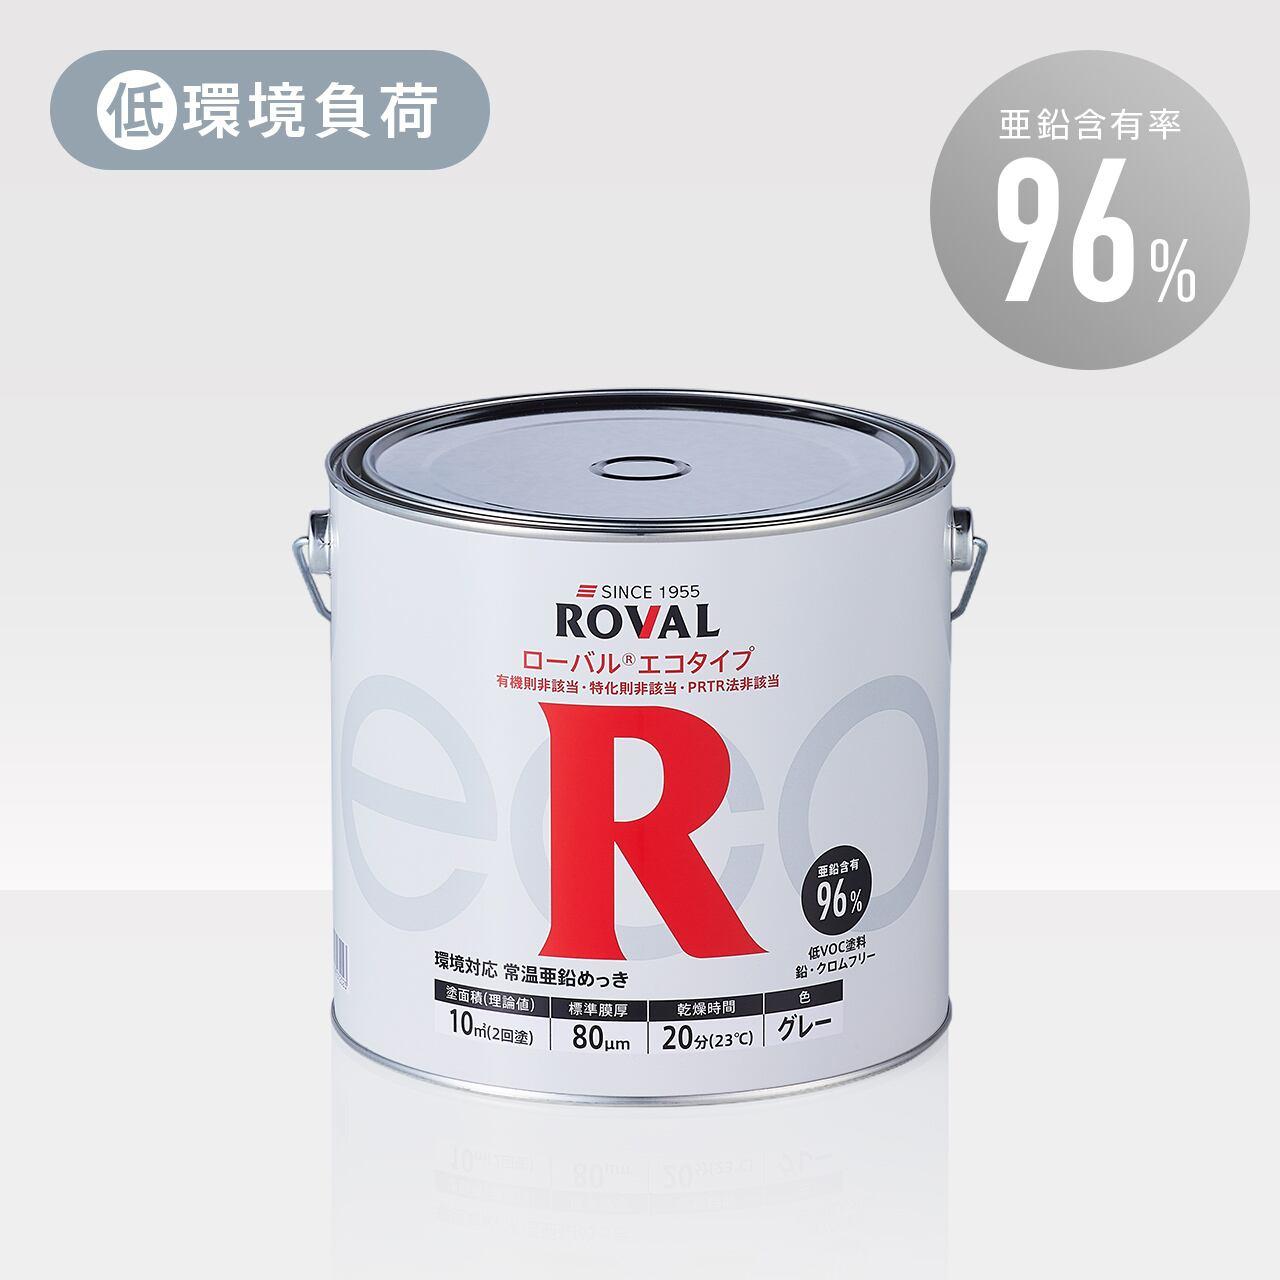 ローバルエコタイプ 5kg缶